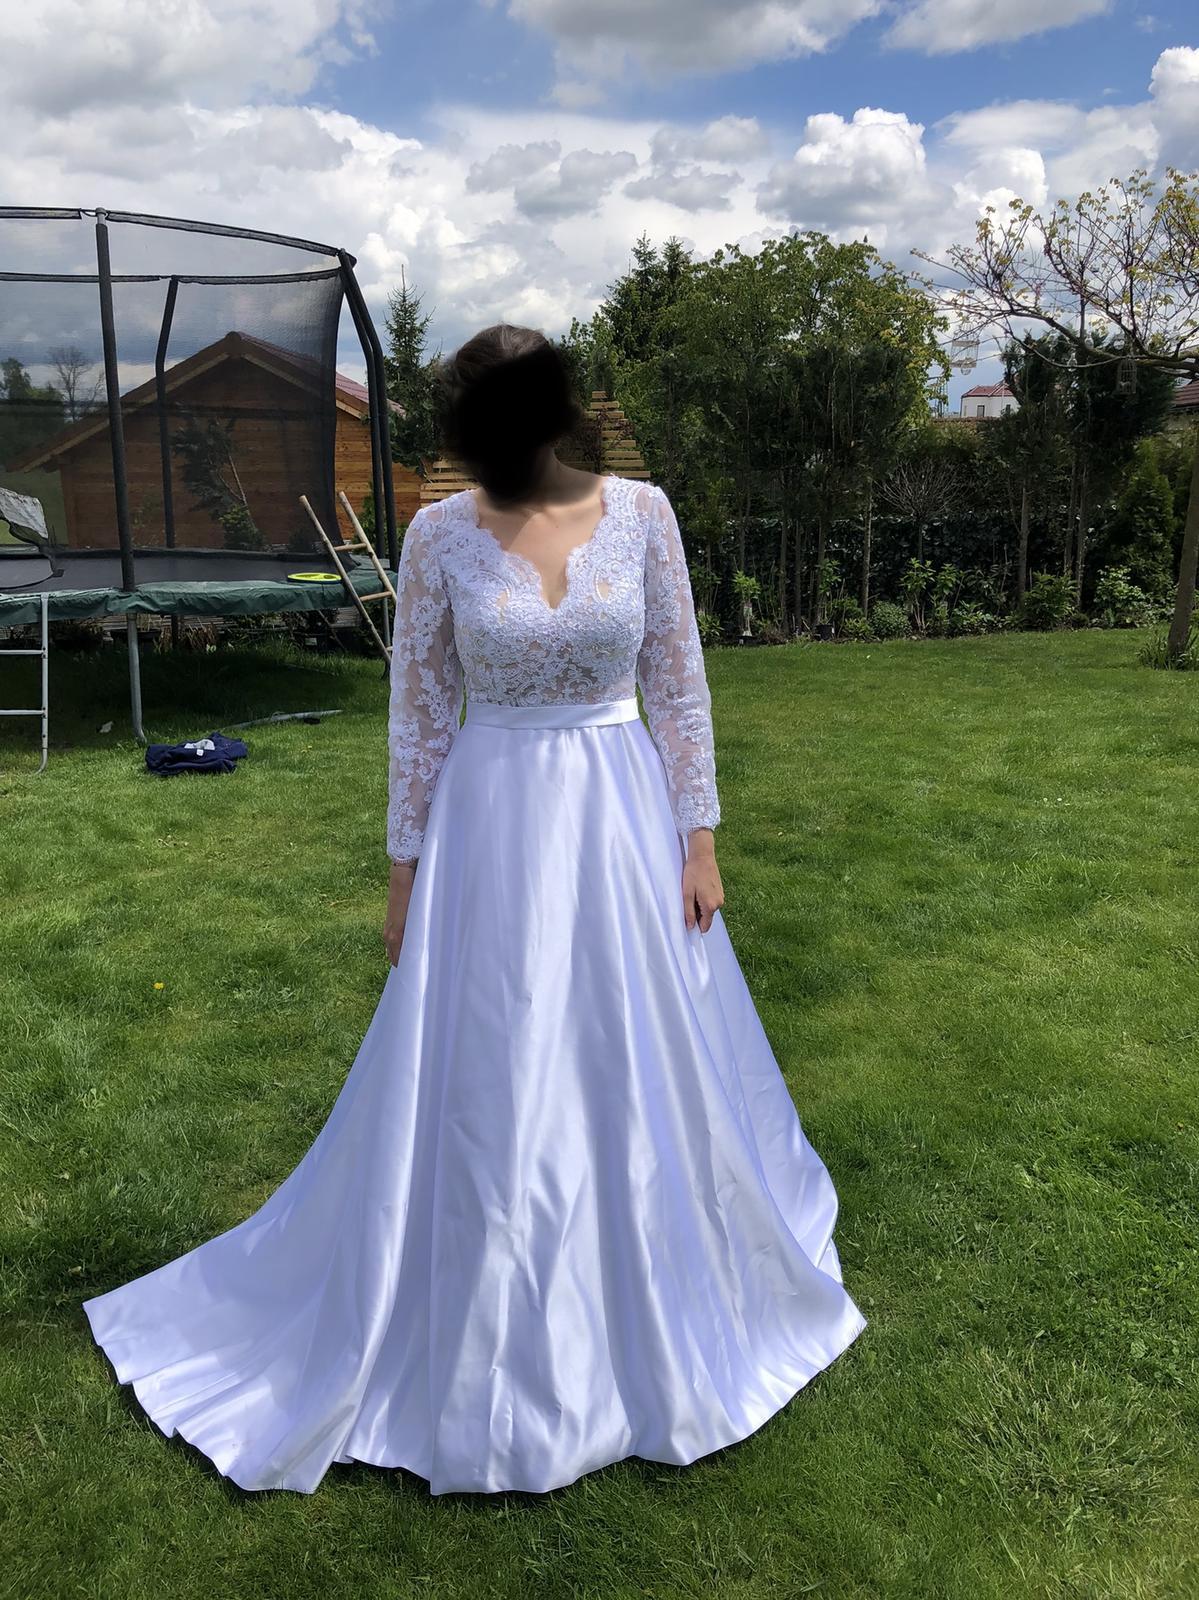 Krasne svatebni šaty se satenovou sukni s kapsami - Obrázek č. 4